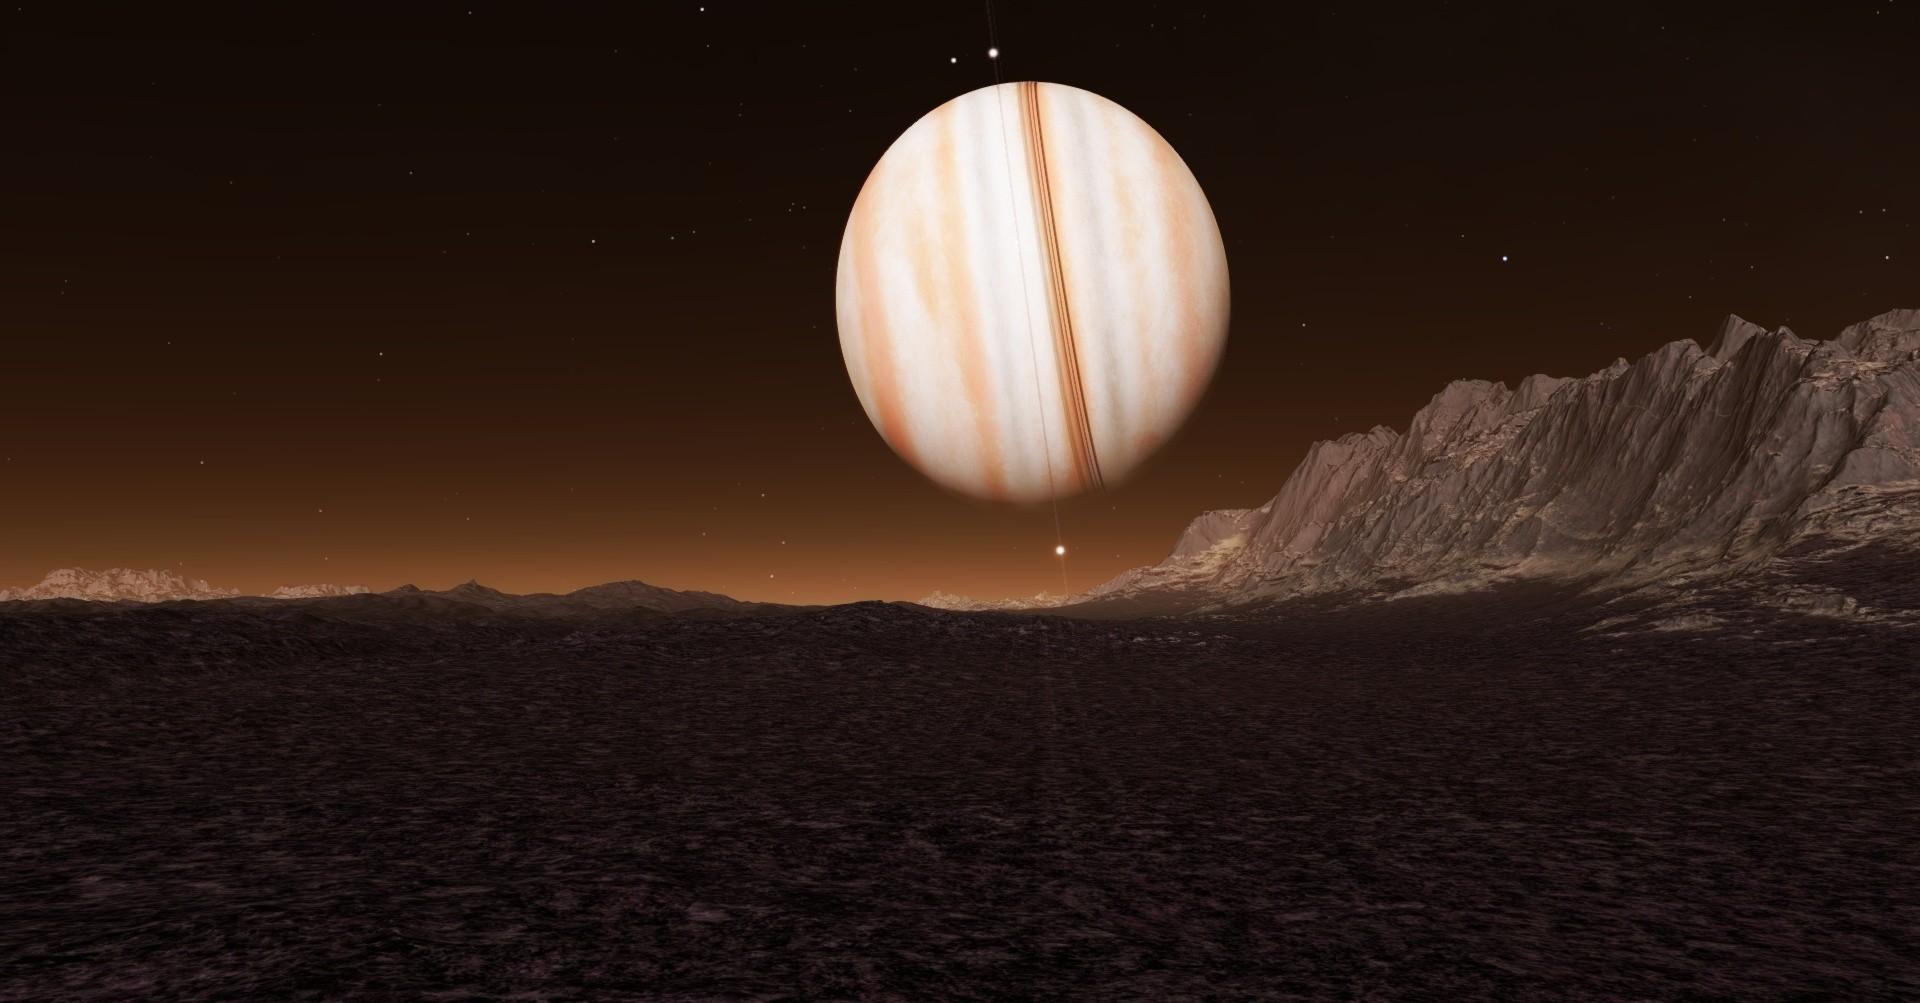 юпитер и земля планета фото нравится идея, ставень